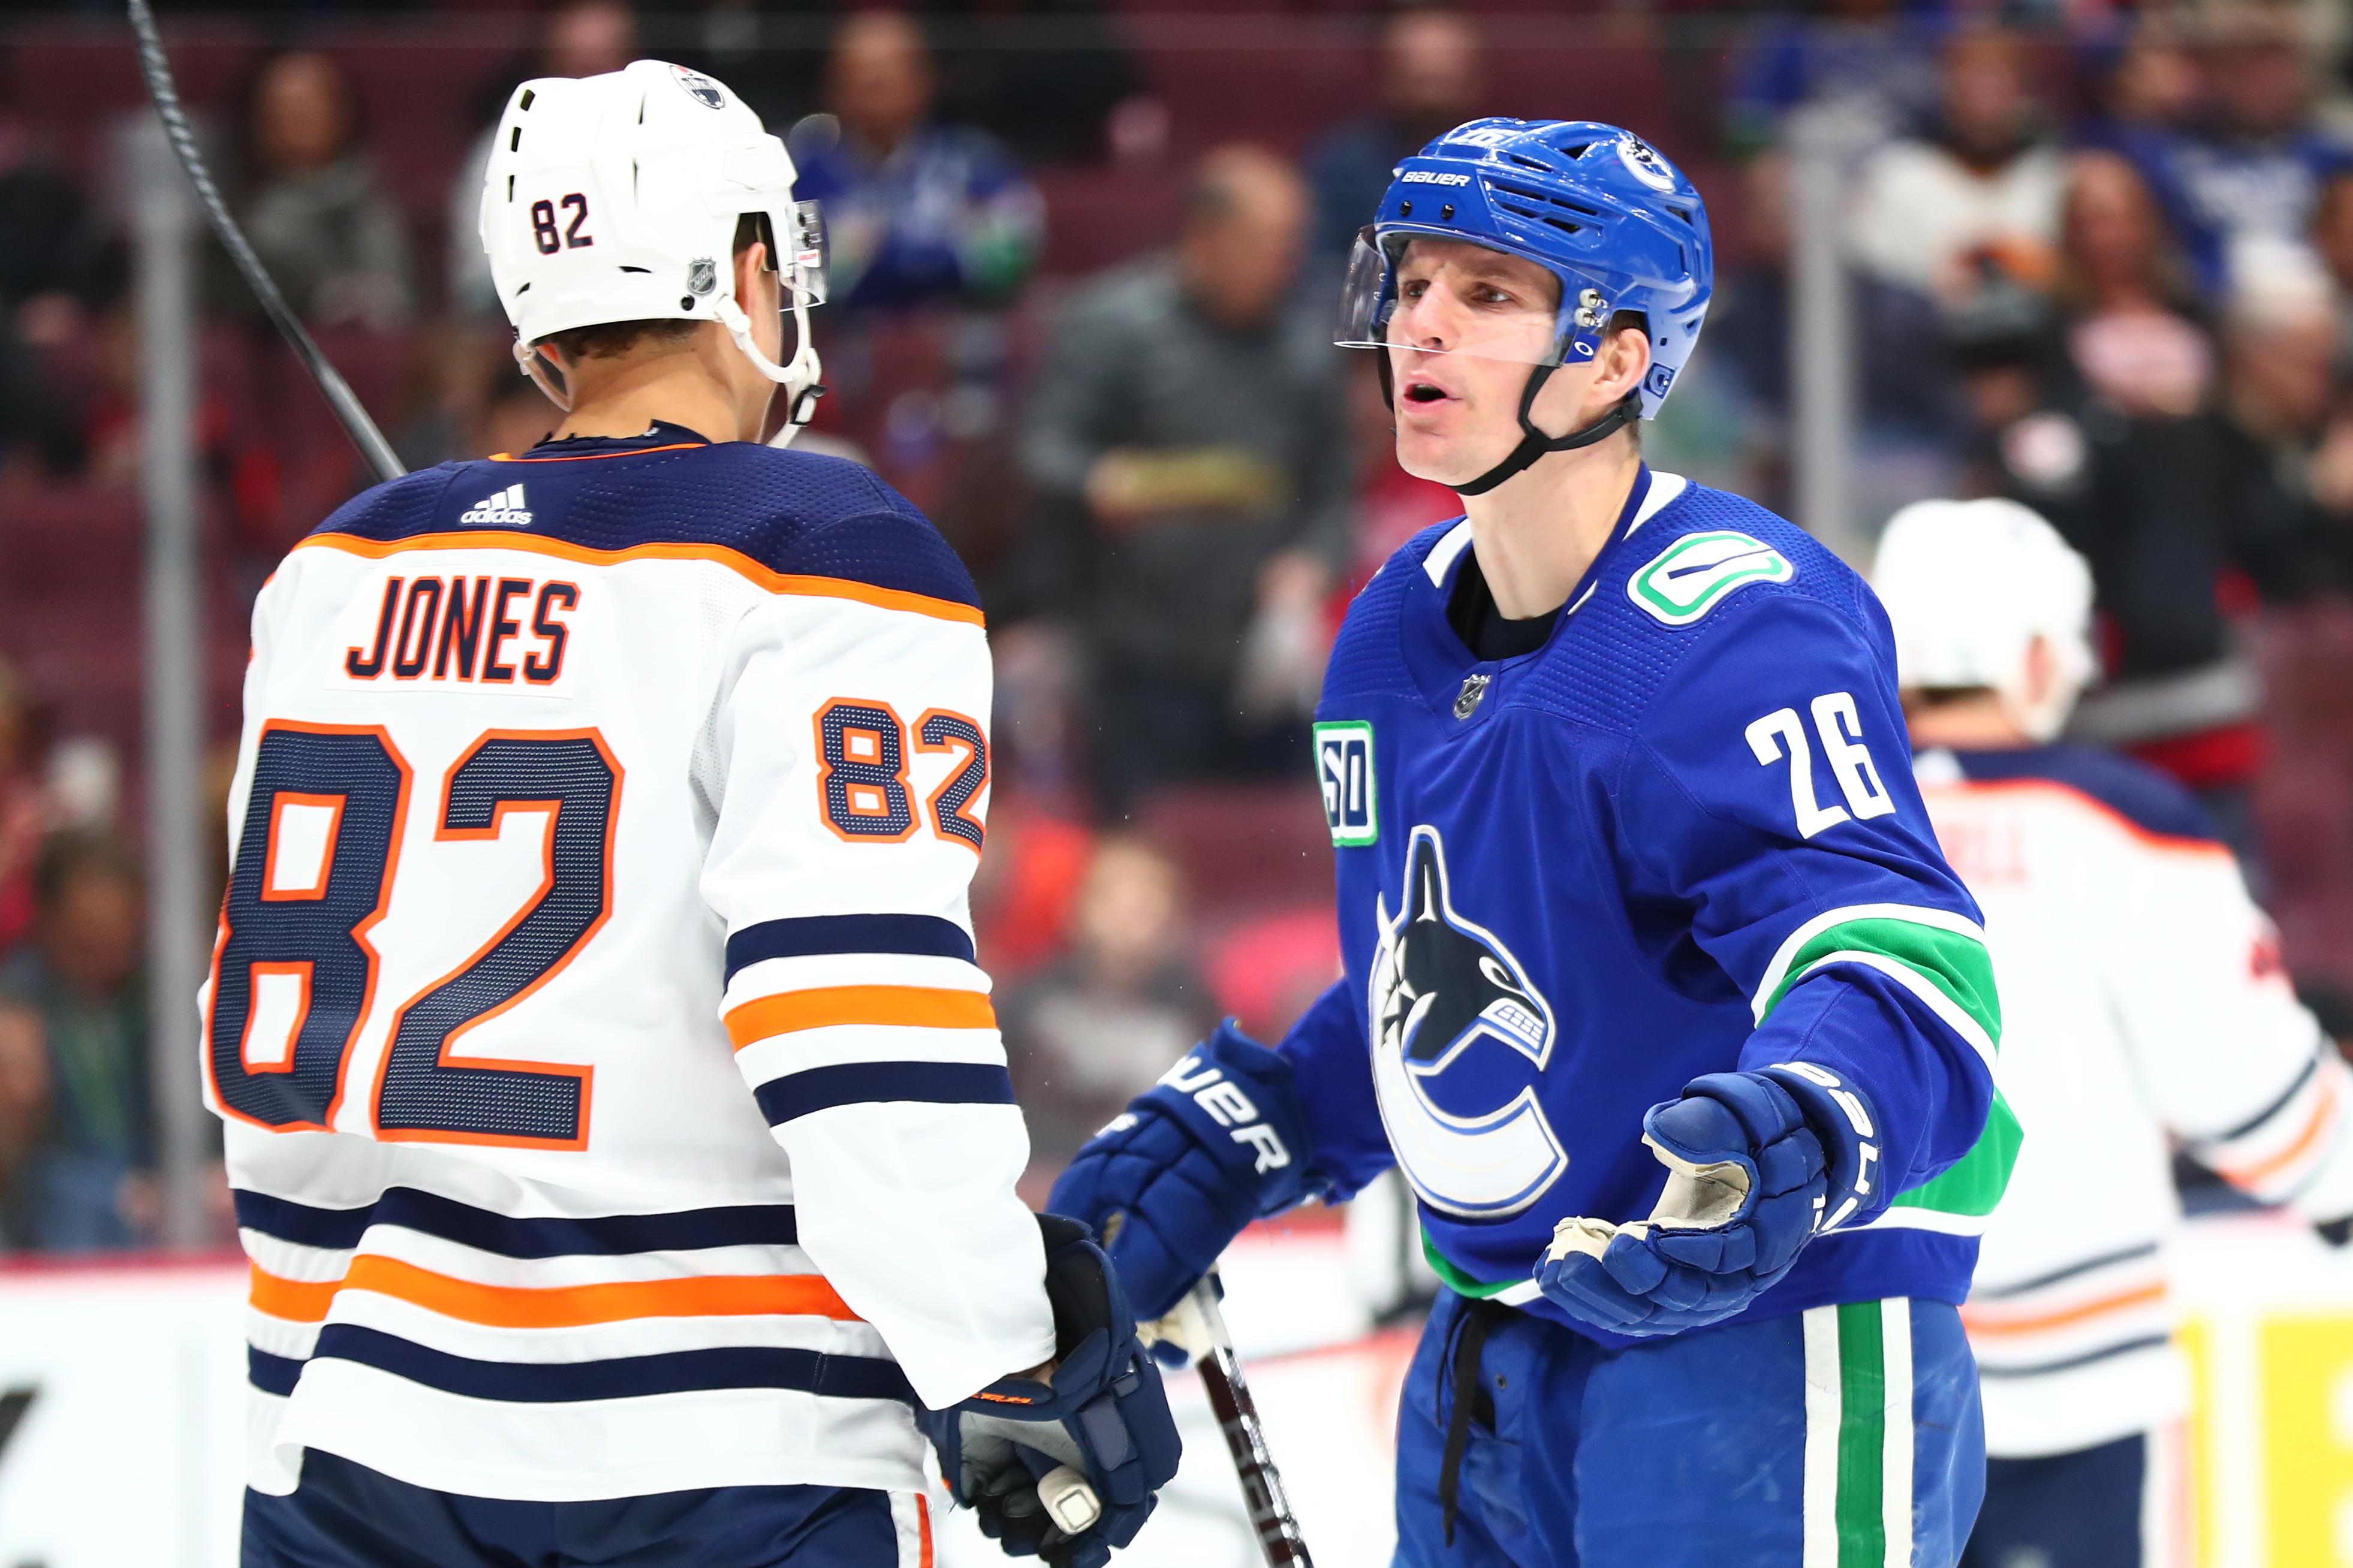 NHL: DEC 23 Oilers at Canucks